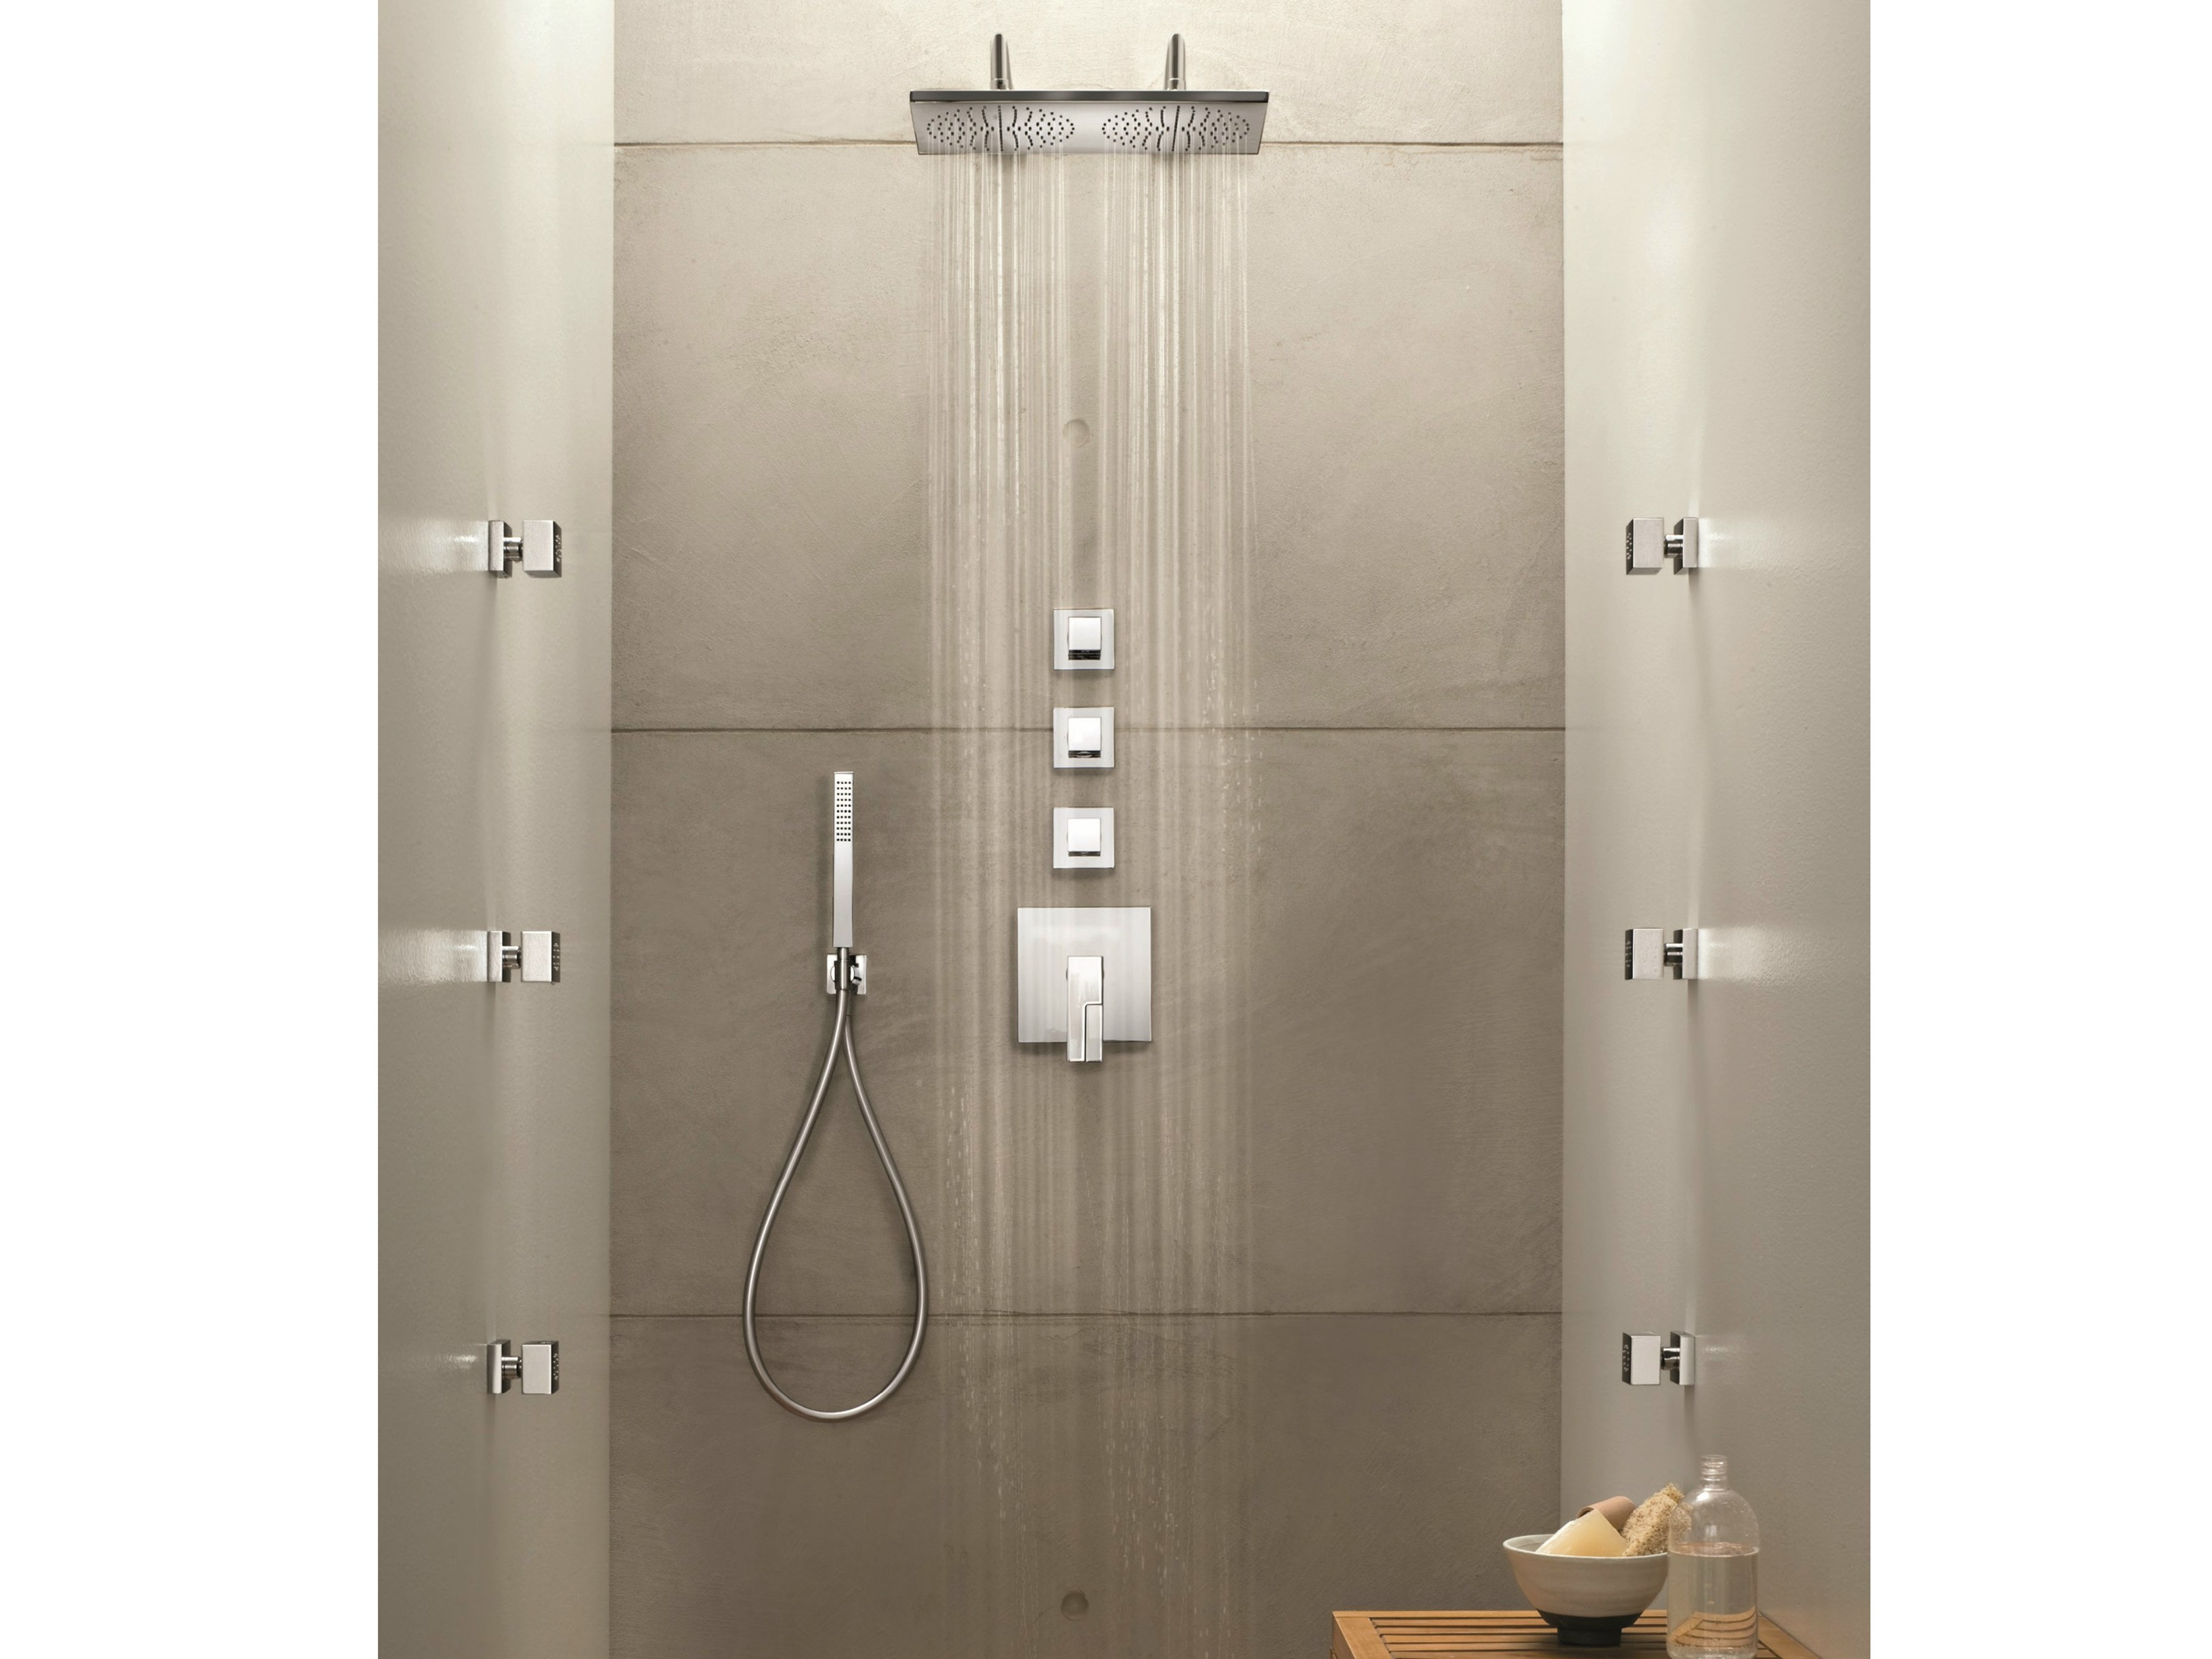 Ar 38 miscelatore termostatico per doccia by fantini rubinetti design angeletti ruzza design - Soffione doccia da incasso ...